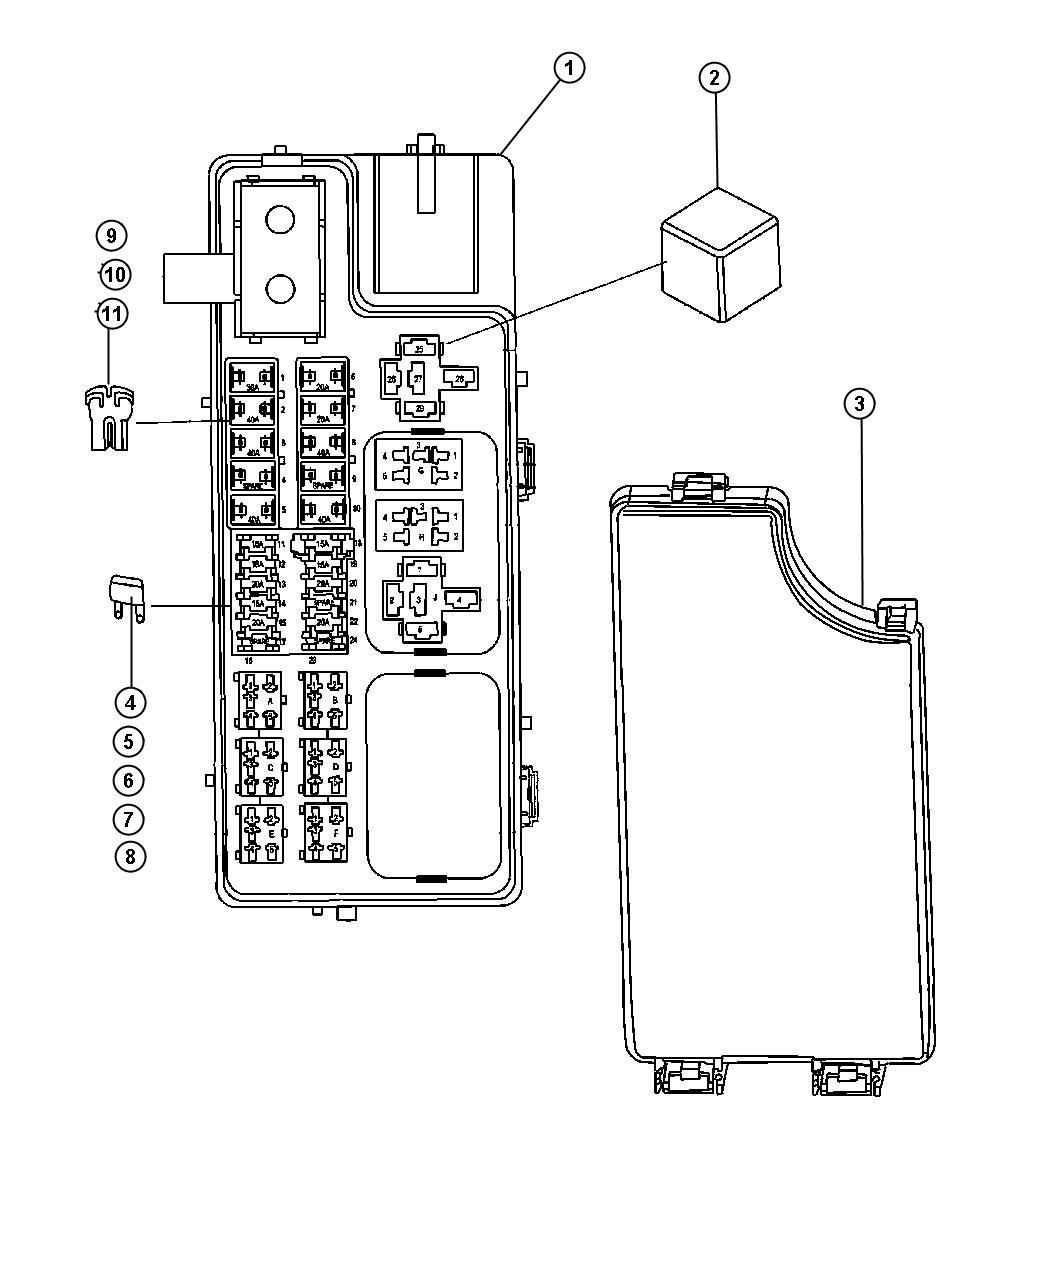 2012 Jeep Patriot Fuse Box Diagram